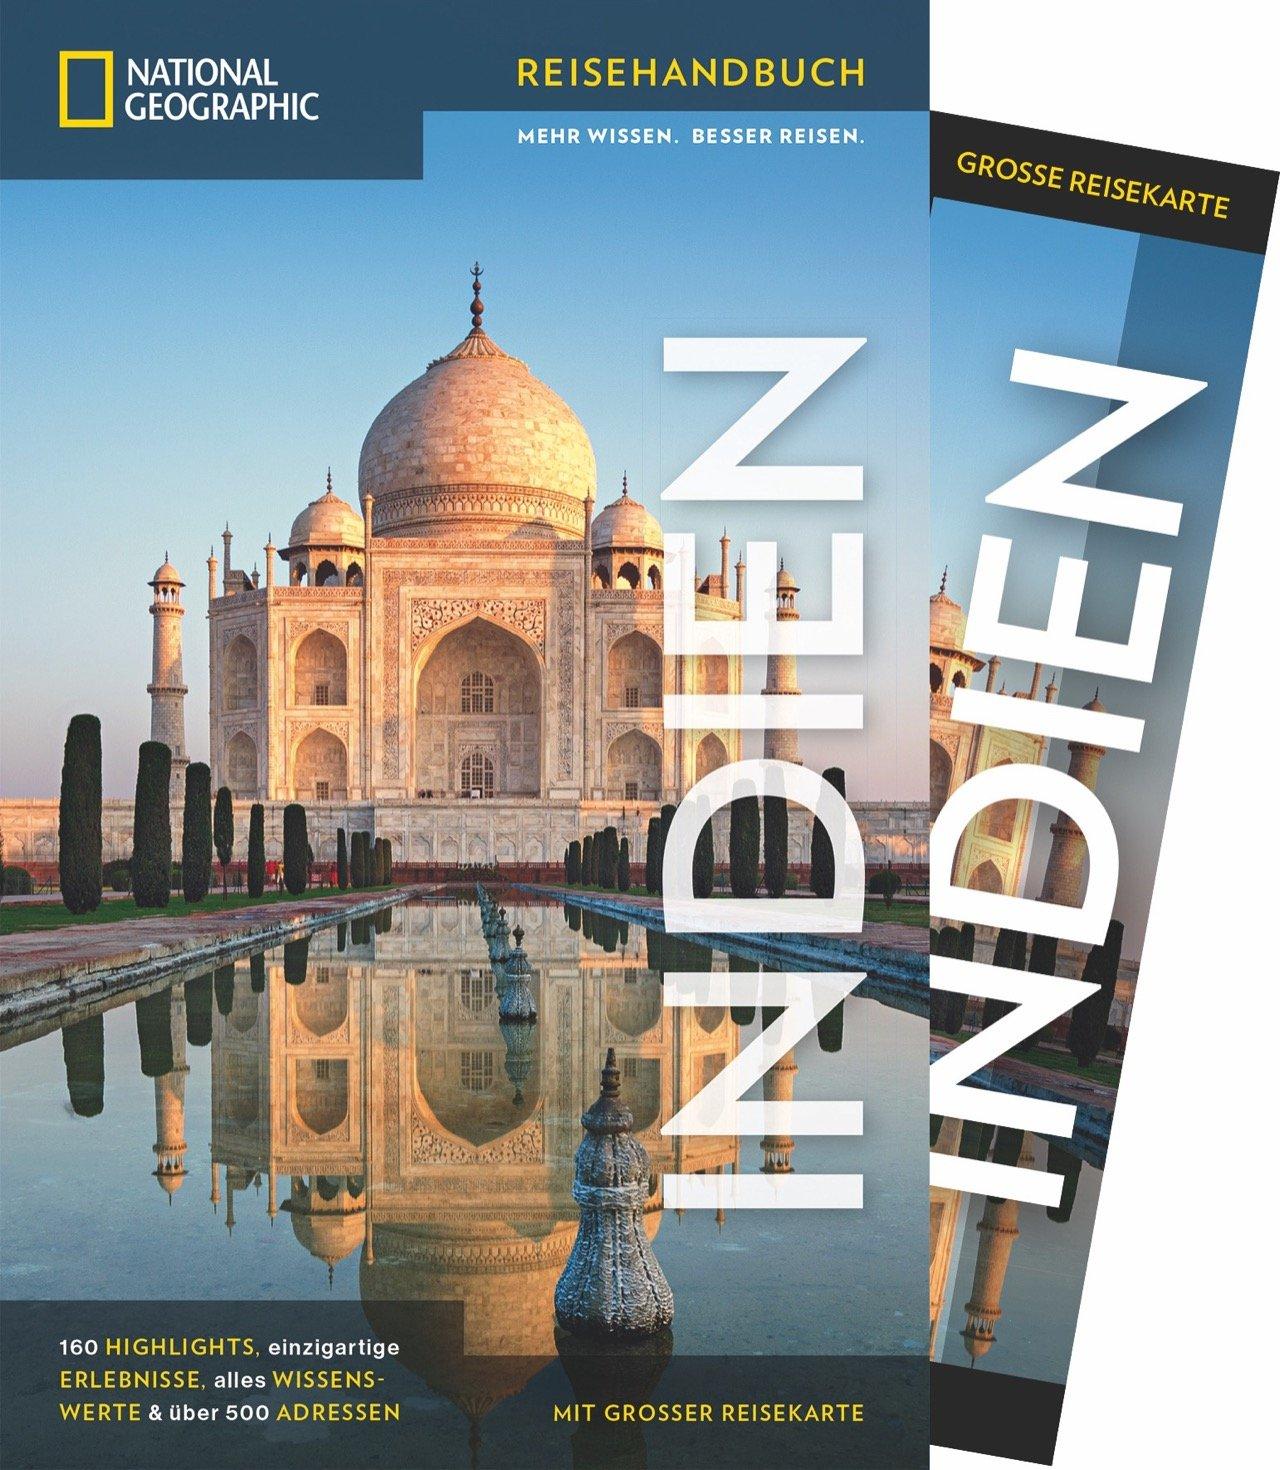 NATIONAL GEOGRAPHIC Reisehandbuch Indien: Der ultimative Reiseführer mit über 500 Adressen und praktischer Faltkarte zum Herausnehmen für alle Traveler. NEU 2018